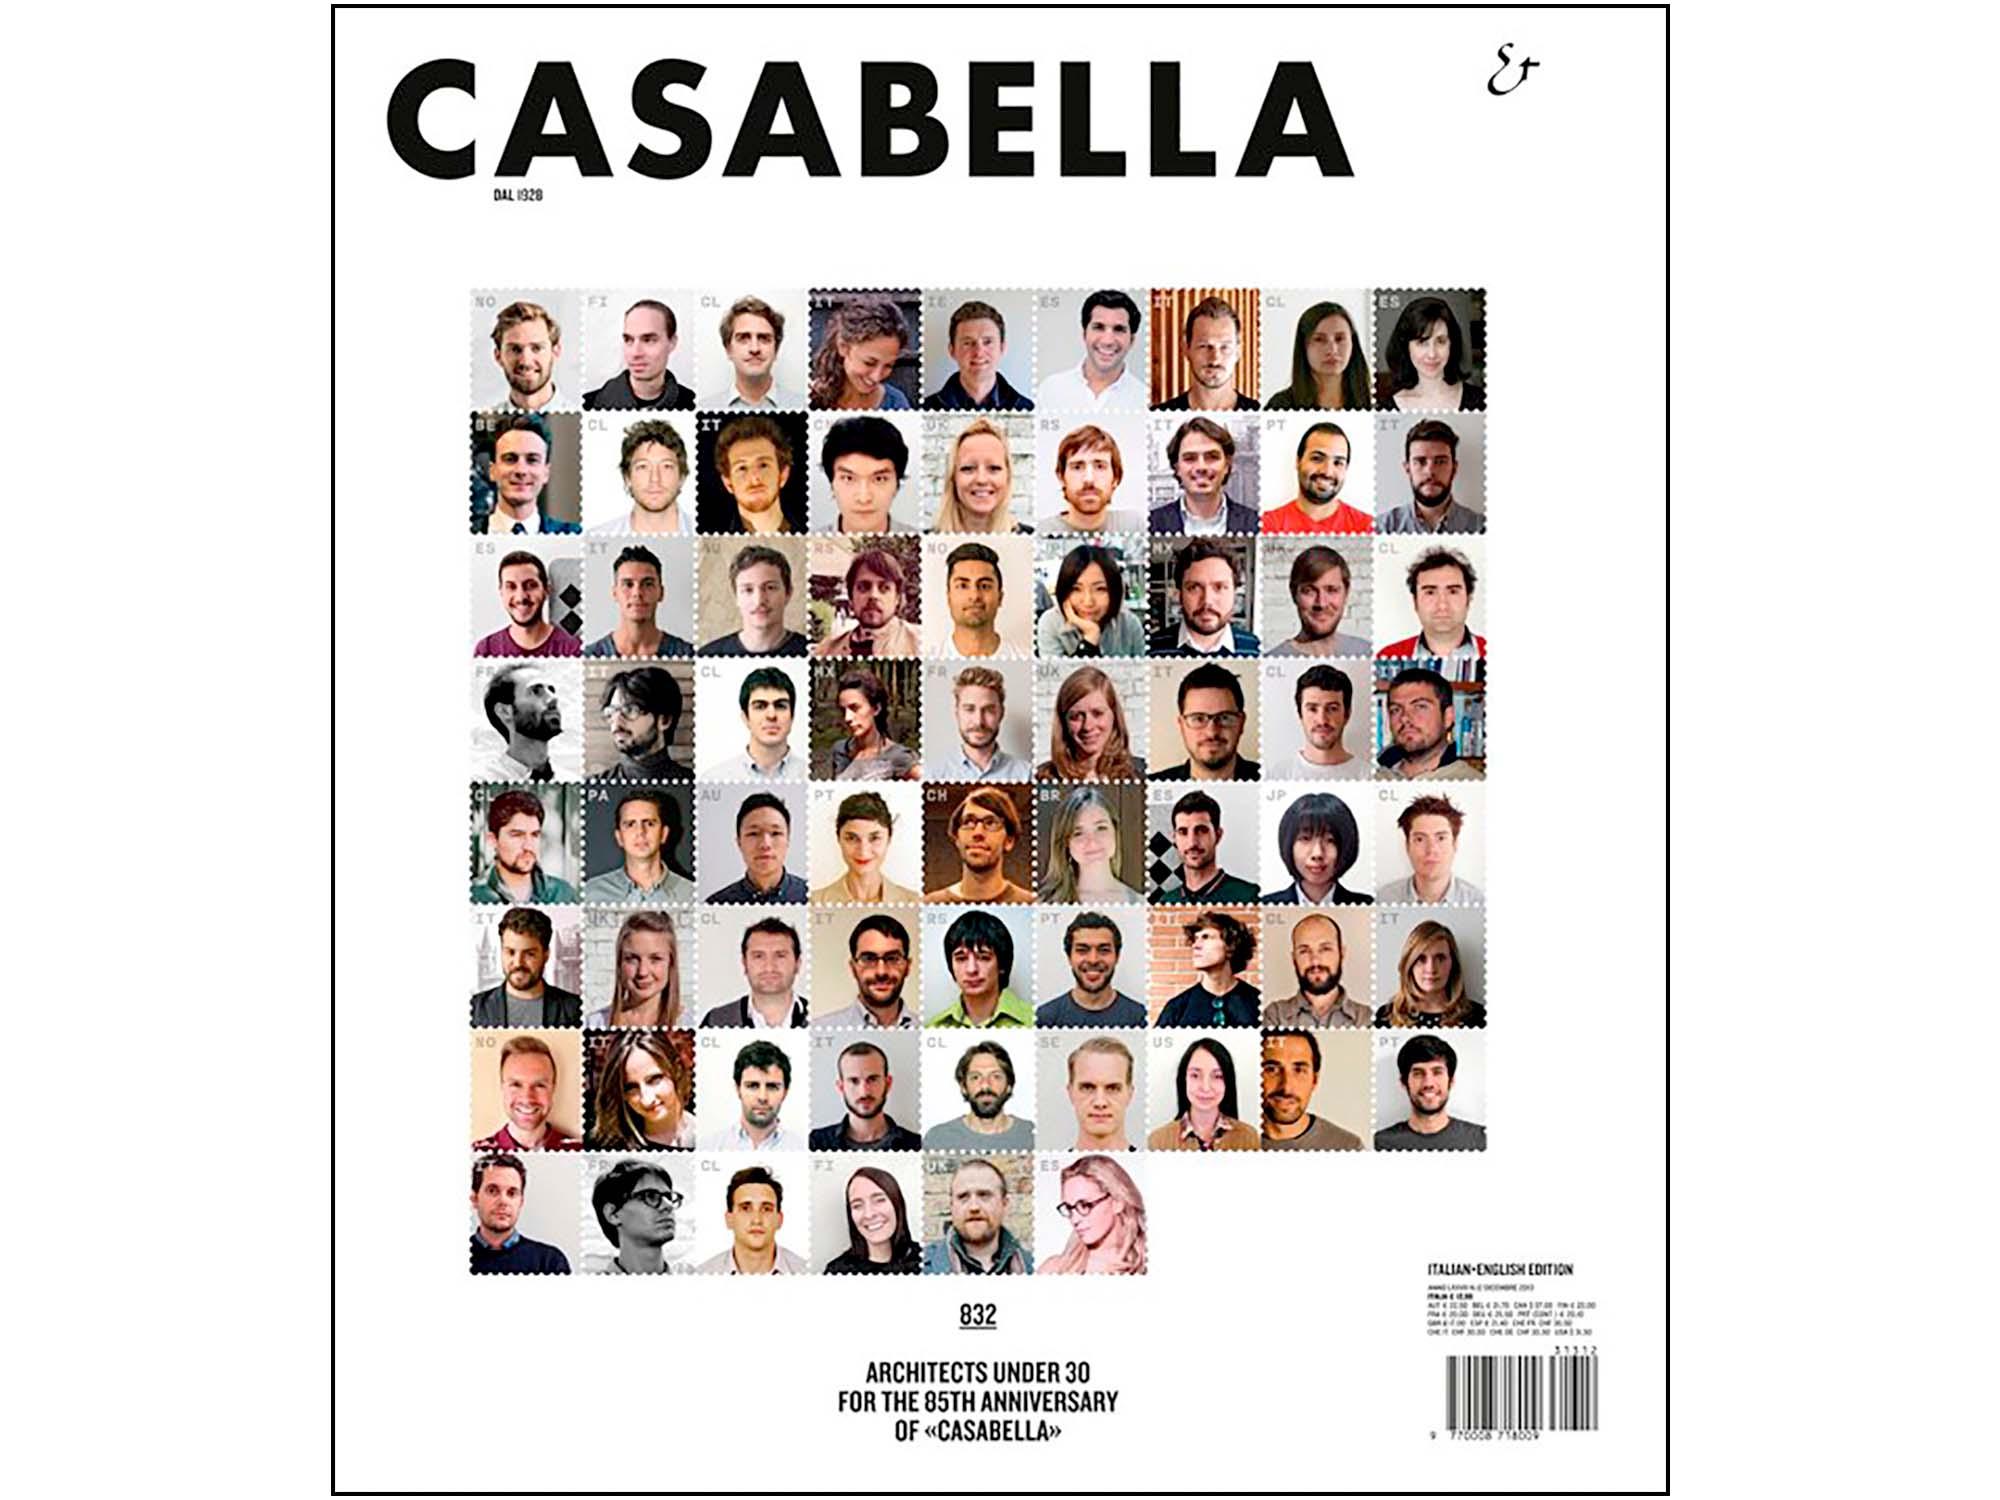 CASABELLA.jpg